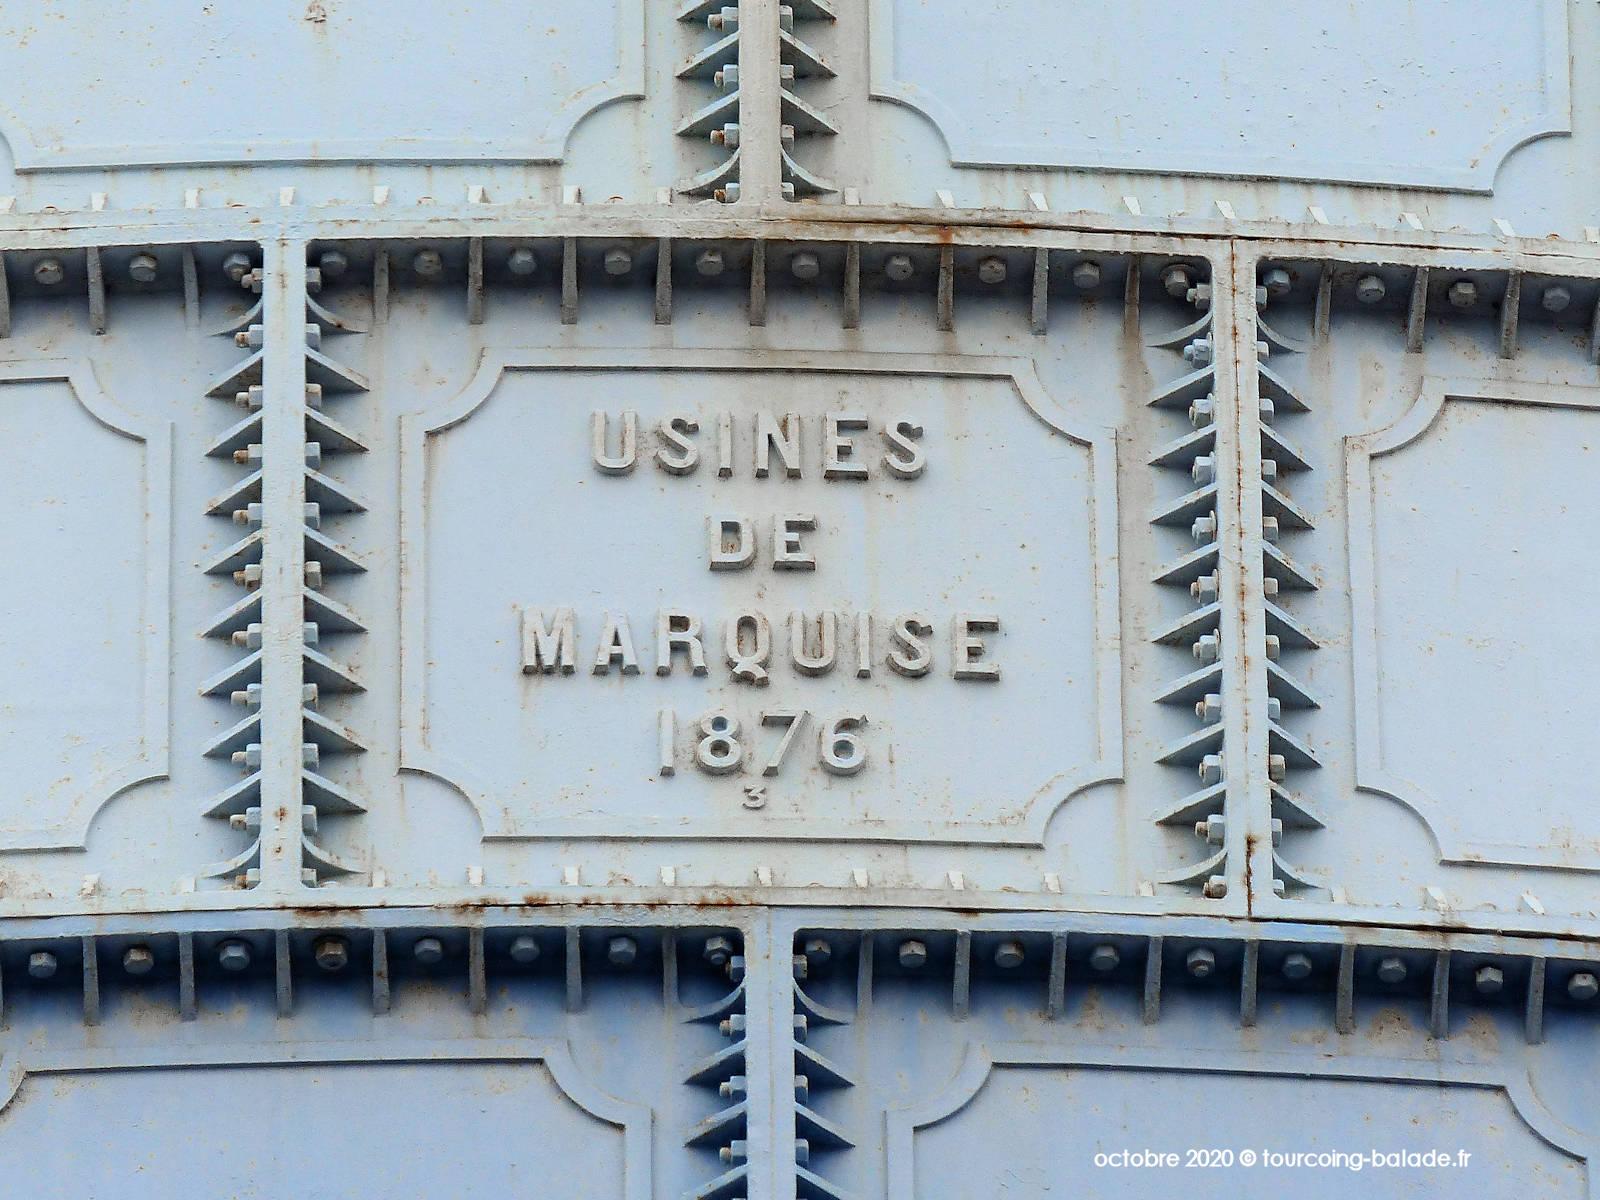 Usines de Marquise, 1876, Roubaix 2020